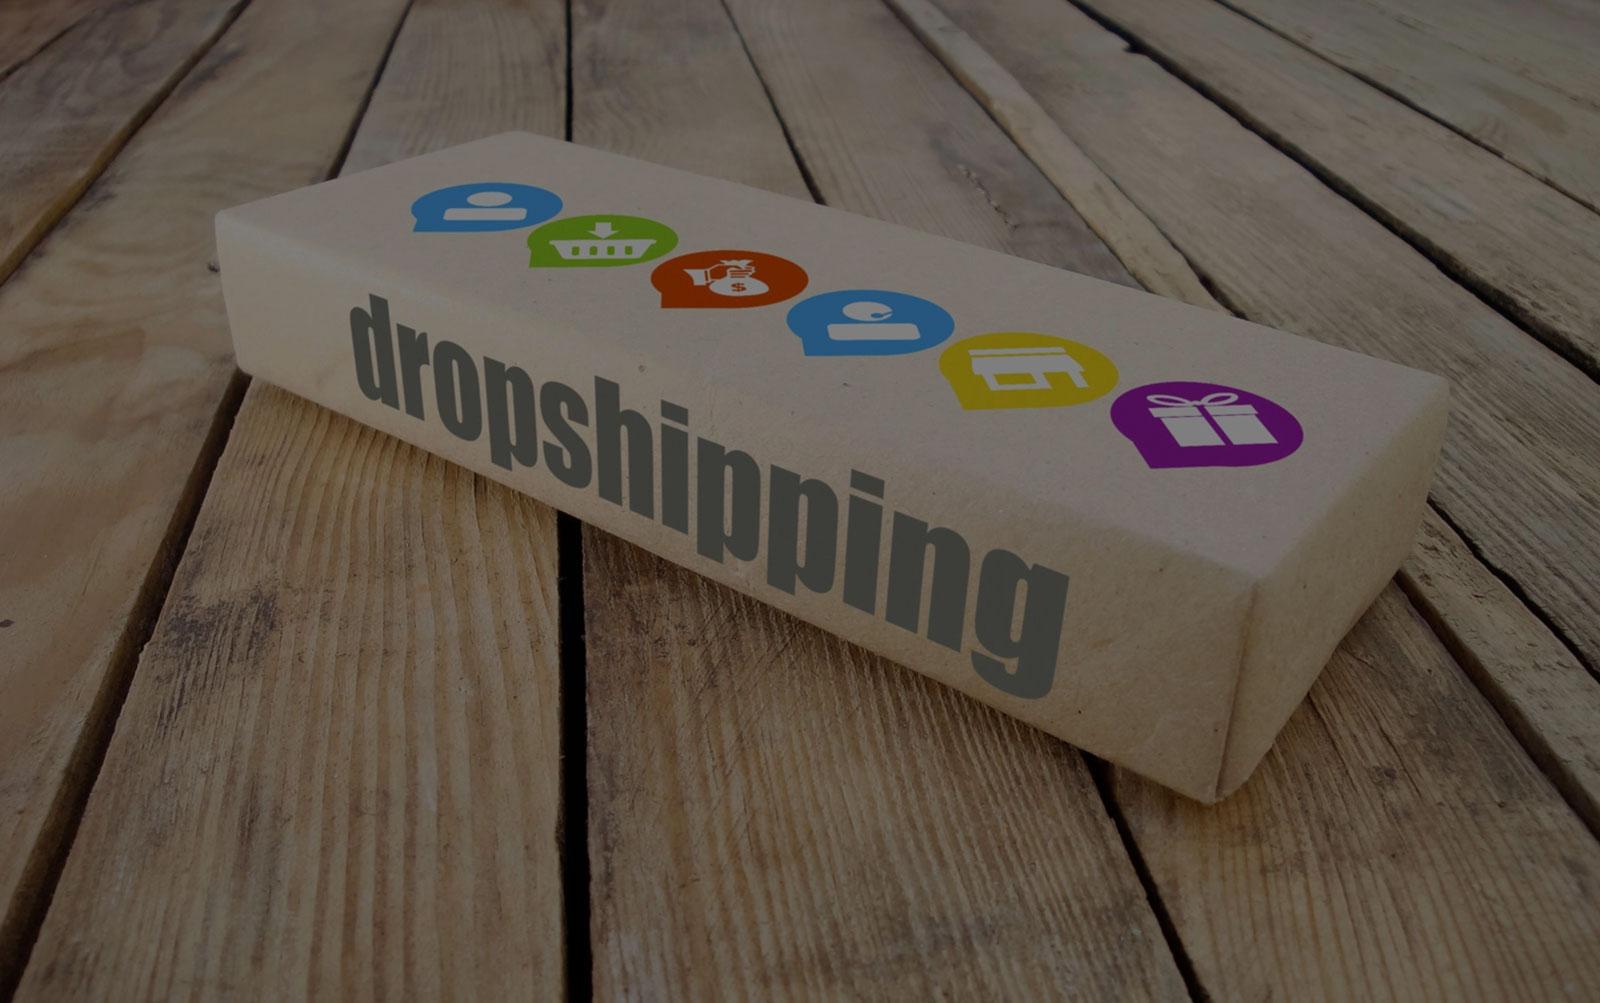 ¿Qué es el Dropshipping?